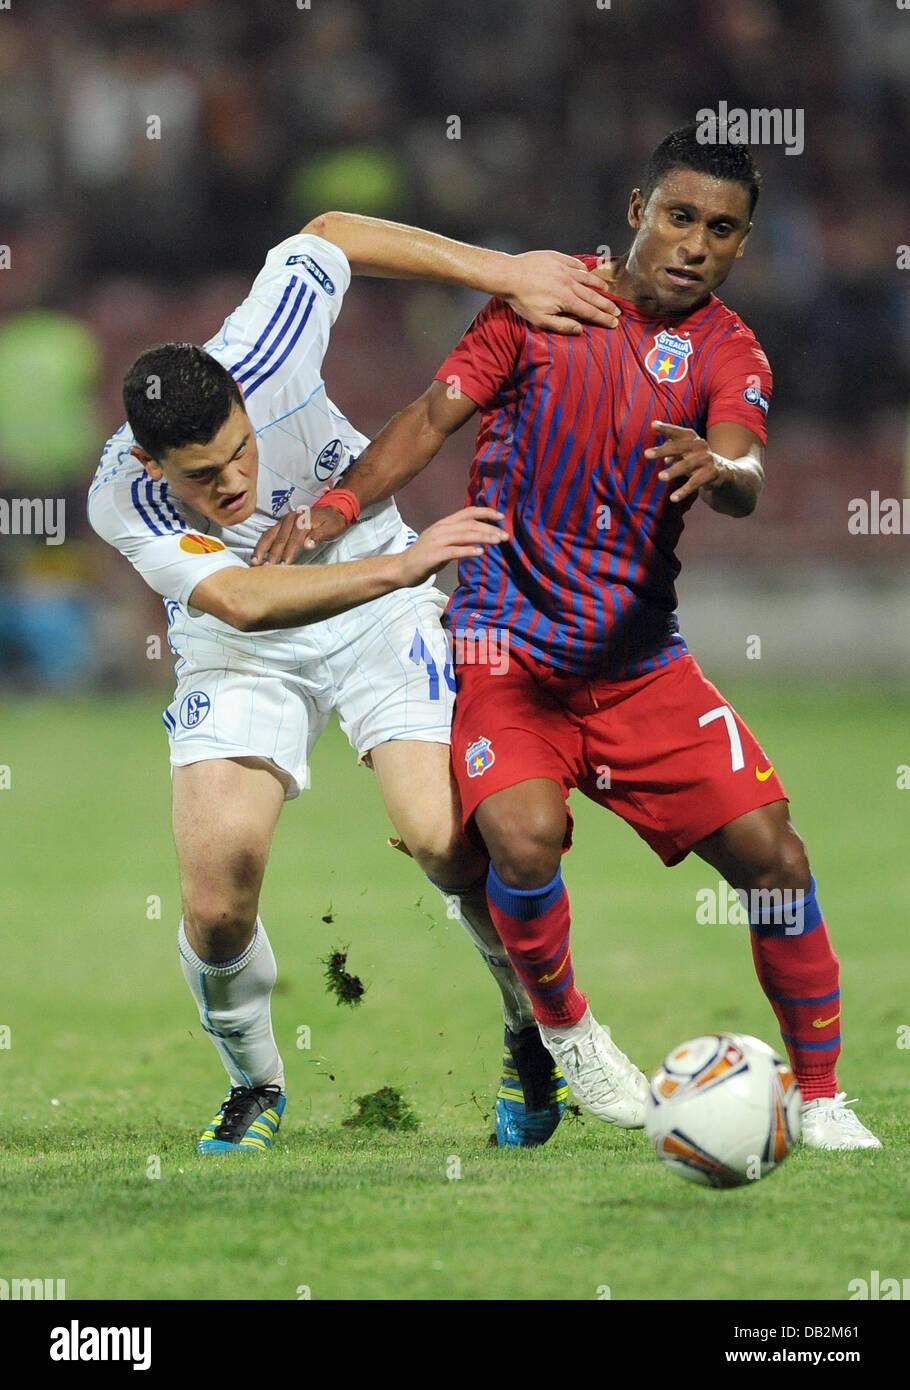 Steaua de Leandro Tatu y el Schalke's Kyriakos Papadopoulos, lucha por el balón durante la Europa League Imagen De Stock